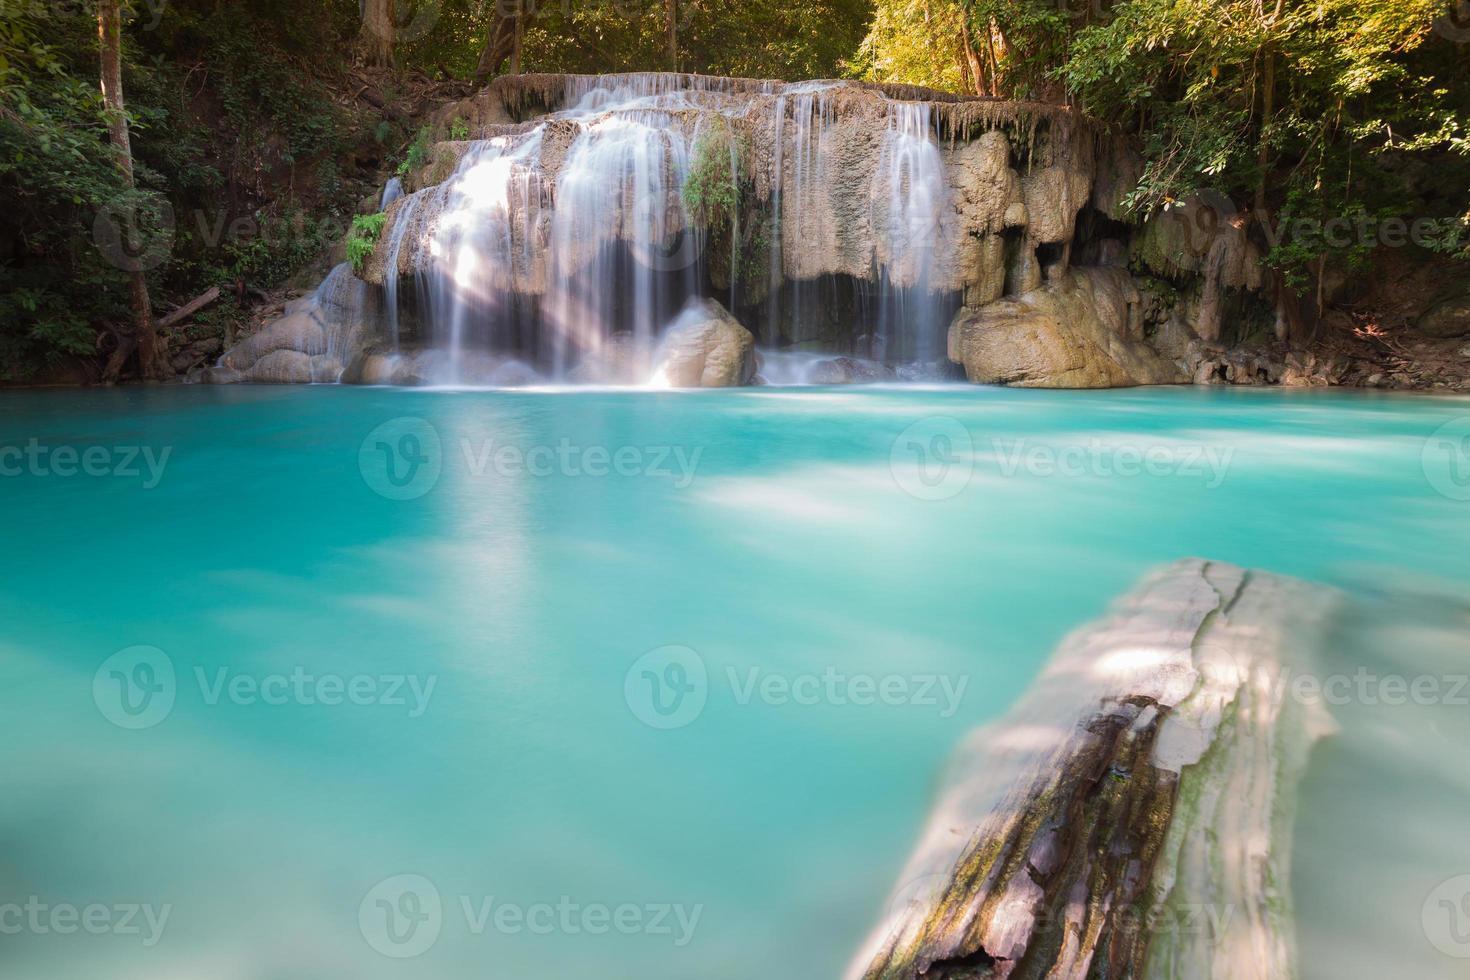 le cascate blu del flusso d'acqua si localizzano nella giungla profonda della foresta foto